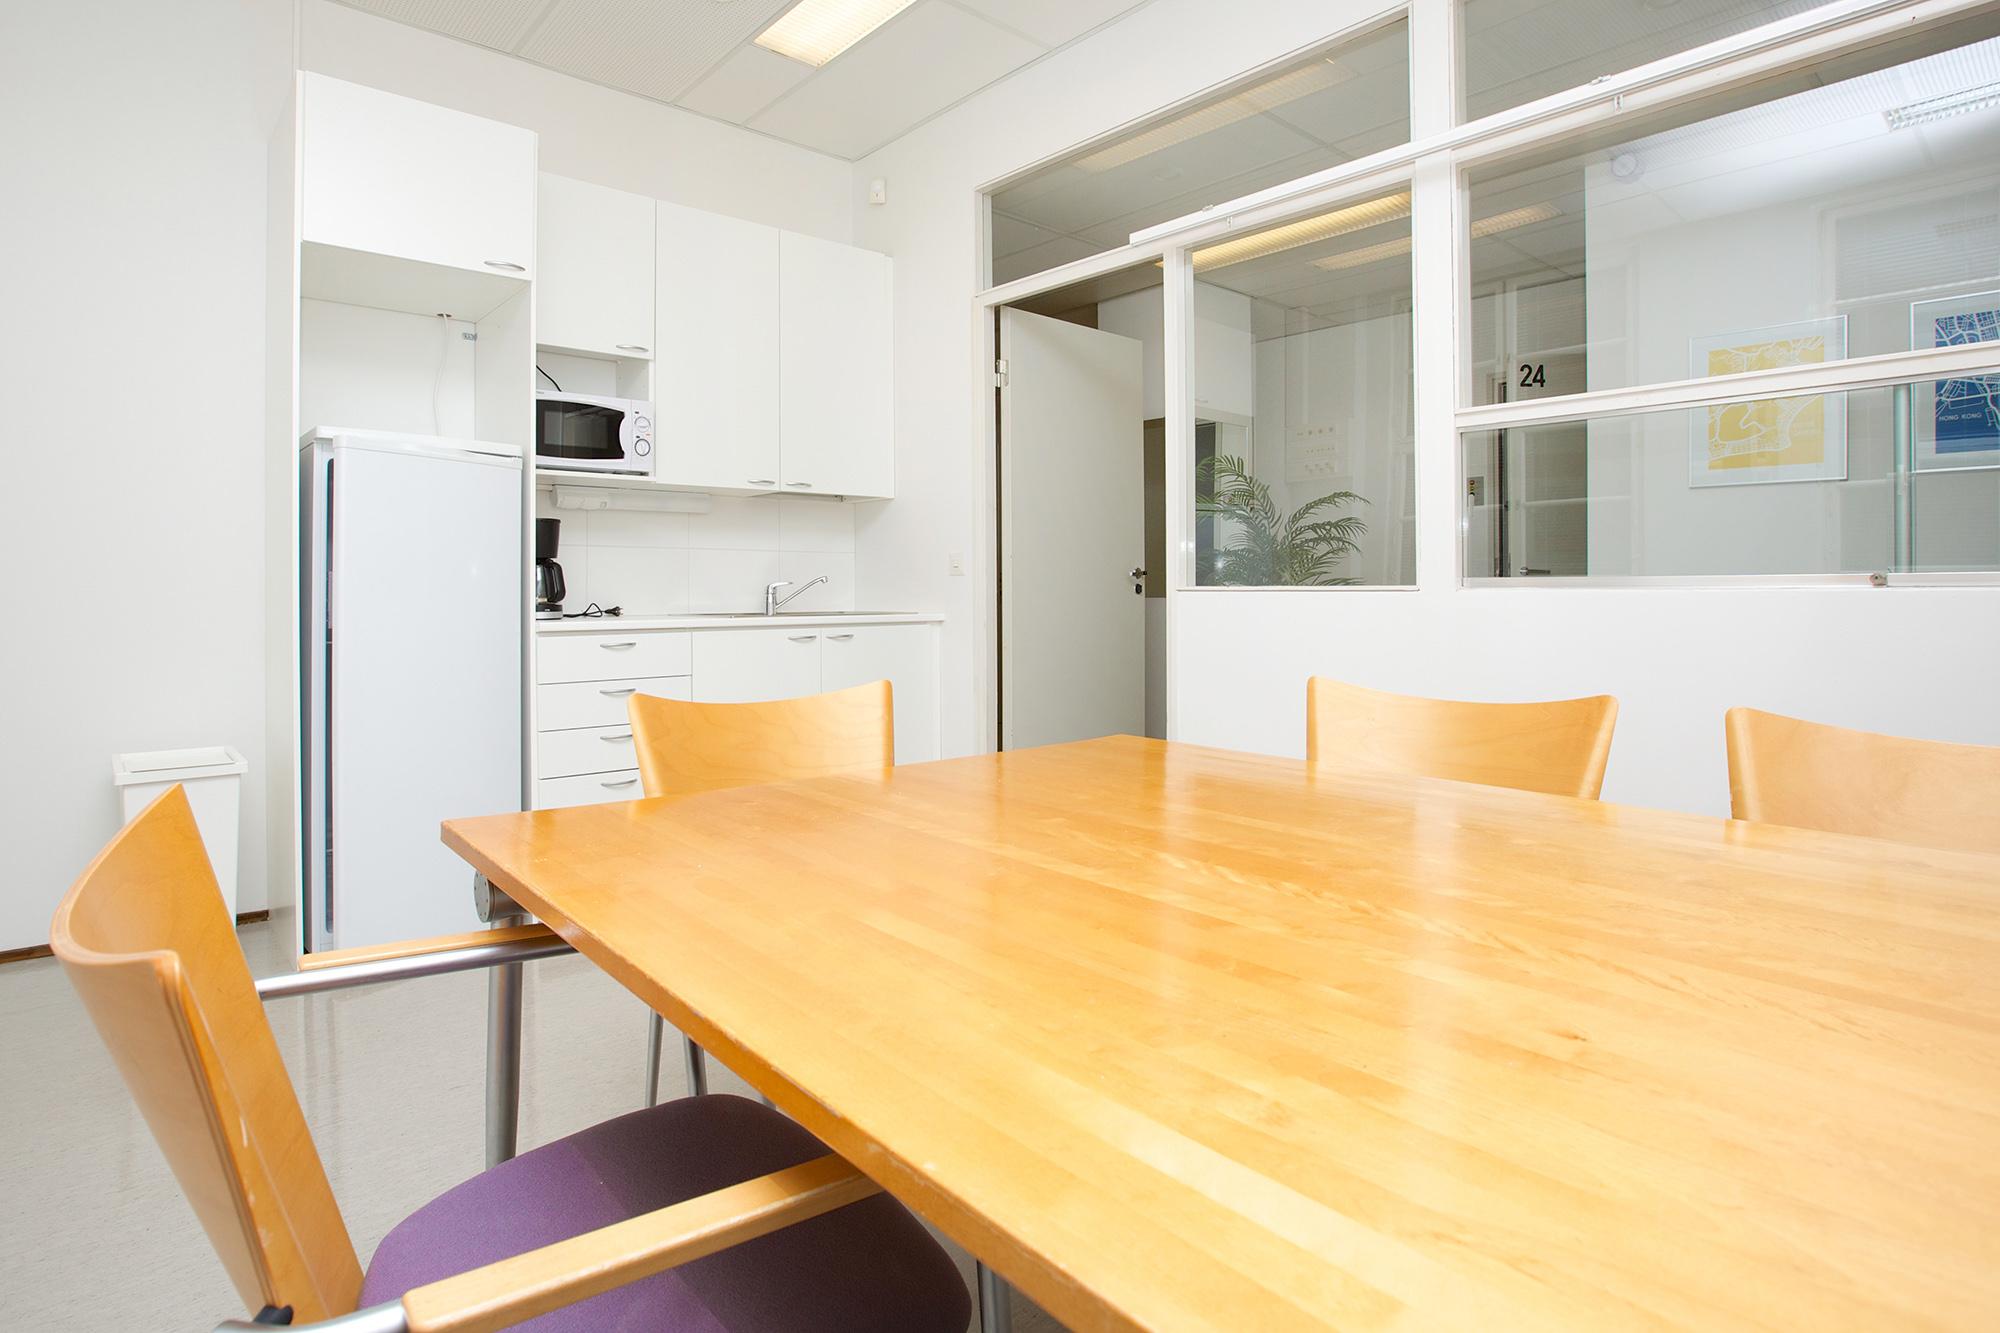 Kuvassa toimistohotellin kokoushuone ja keittiö